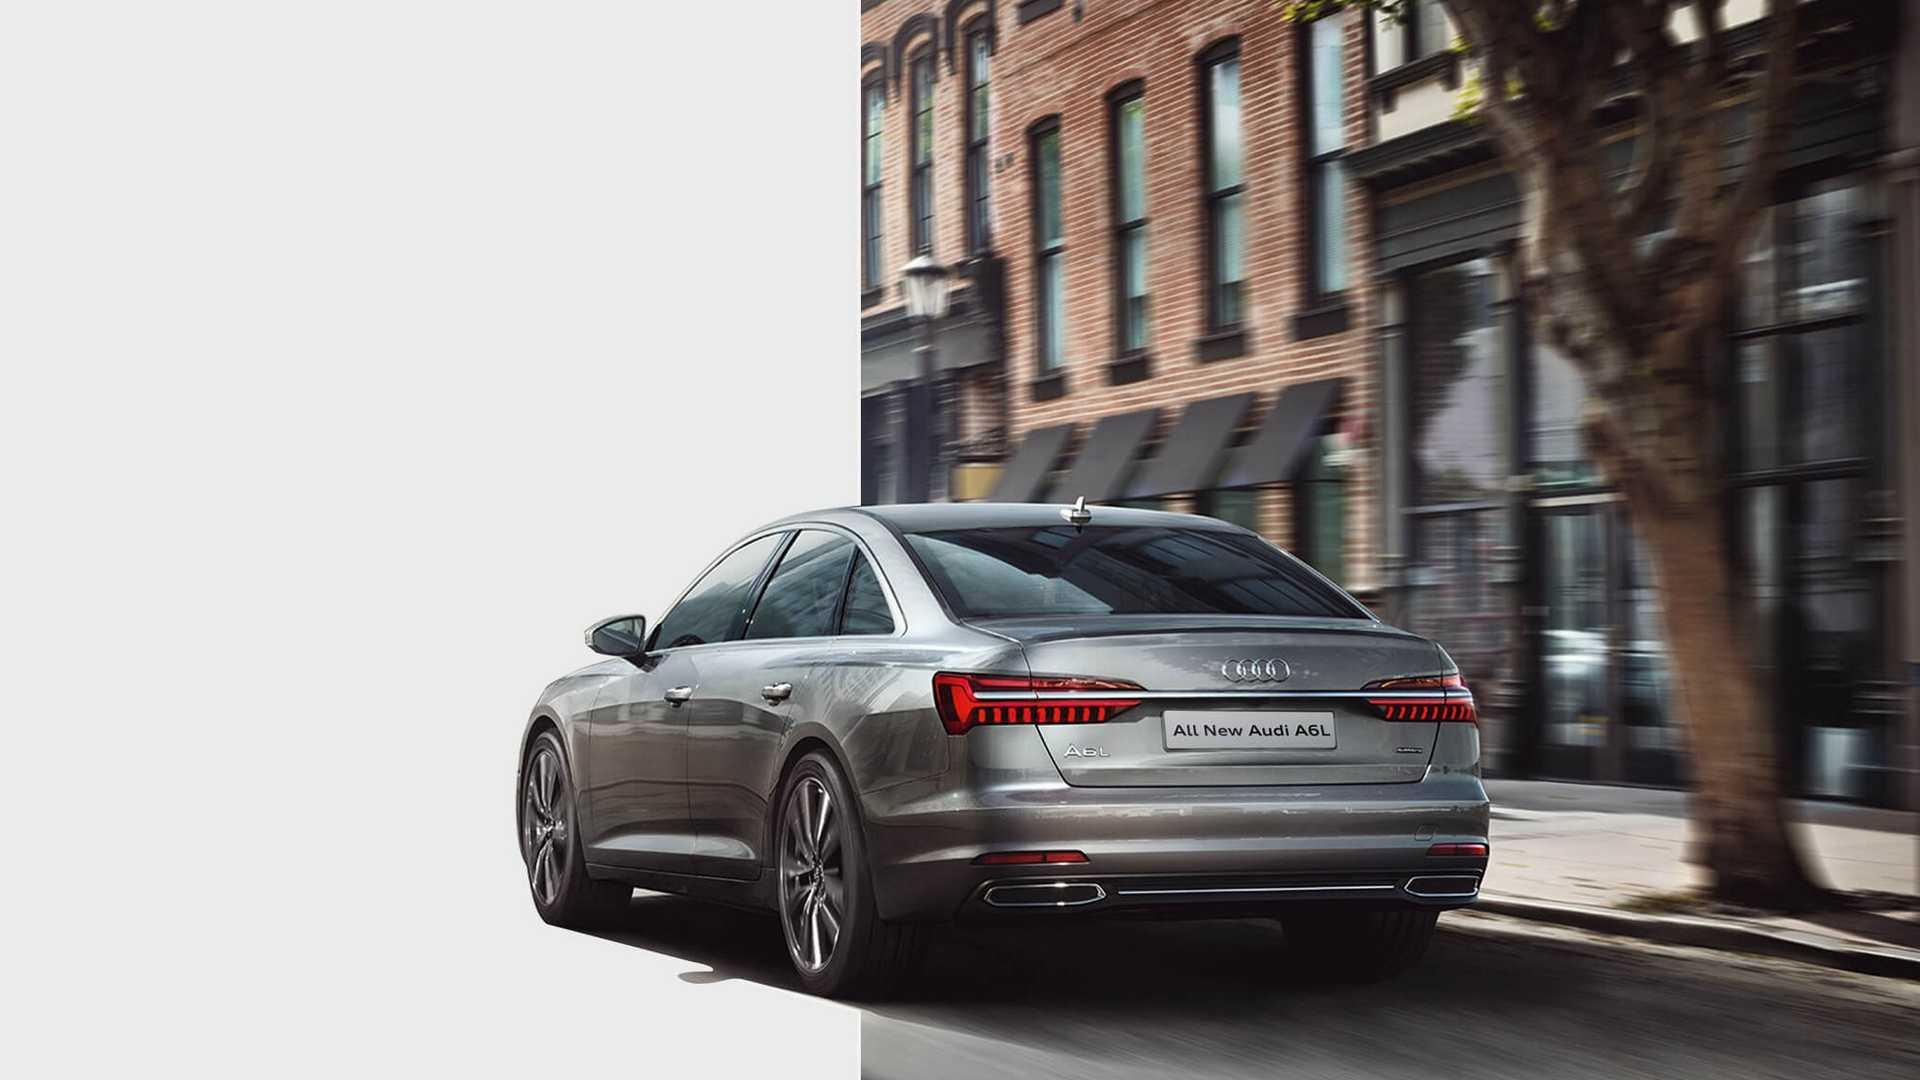 Audi A6L 2019 (4)